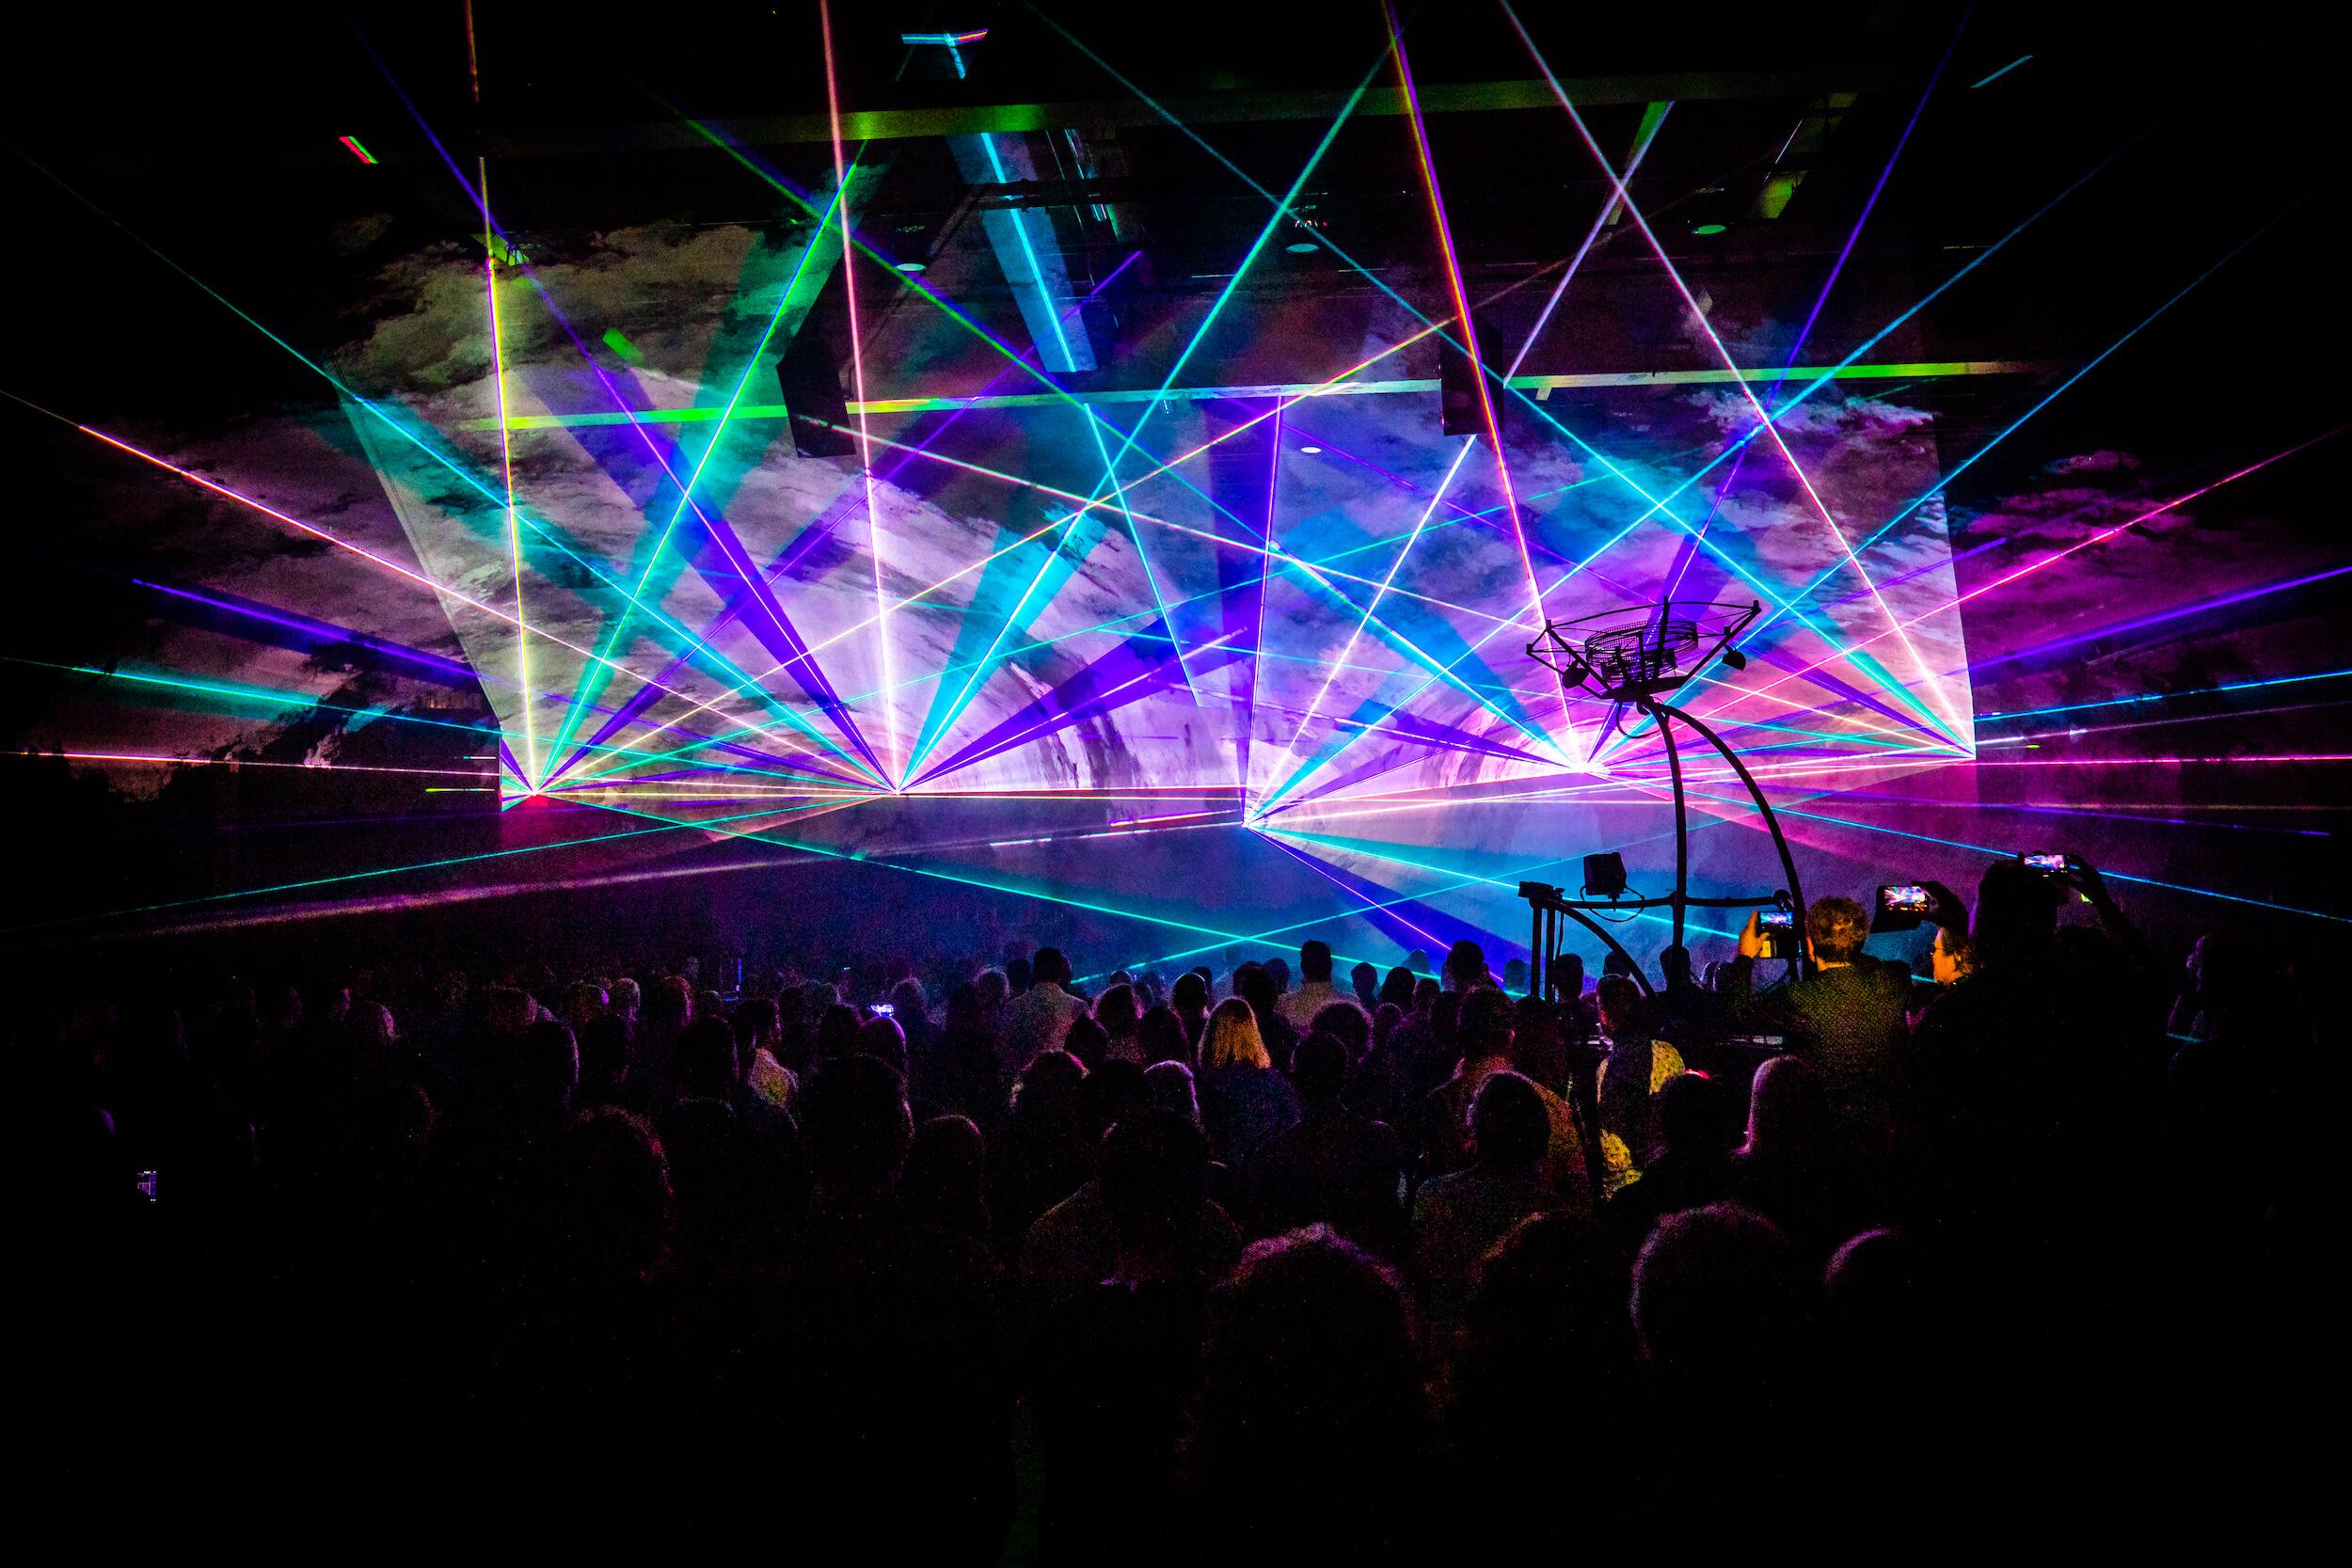 Huisstijl lancering lasershow